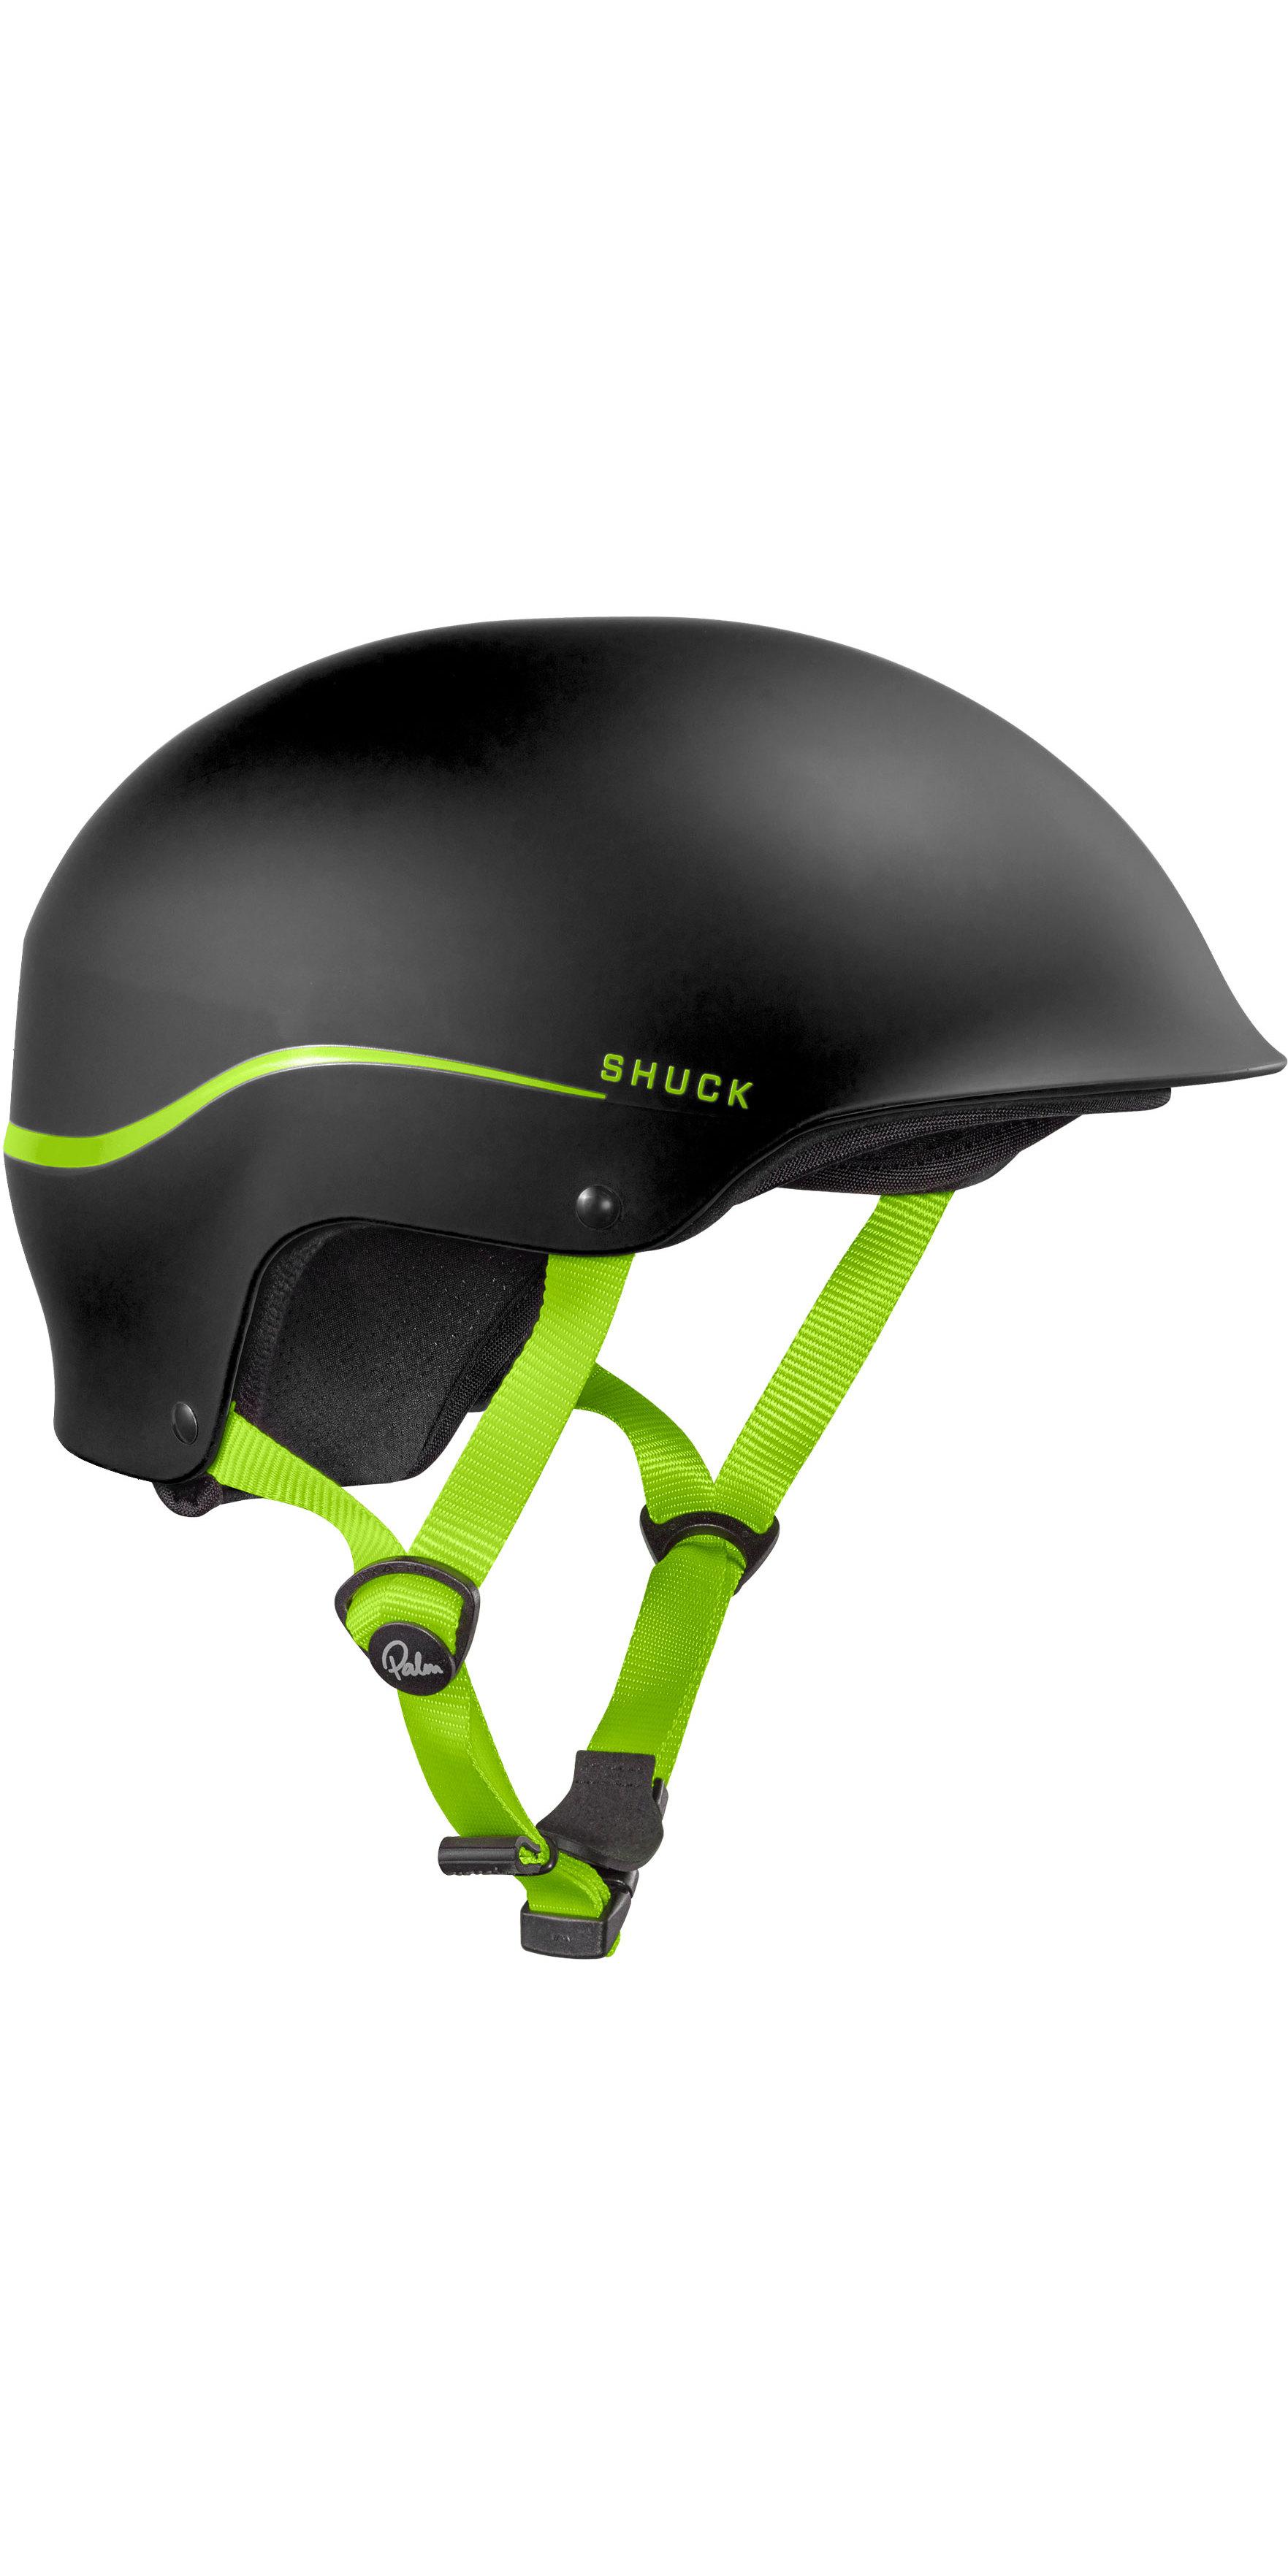 Palm Shuck Half-Cut Helm Red 12131 Zubehör Bootsport